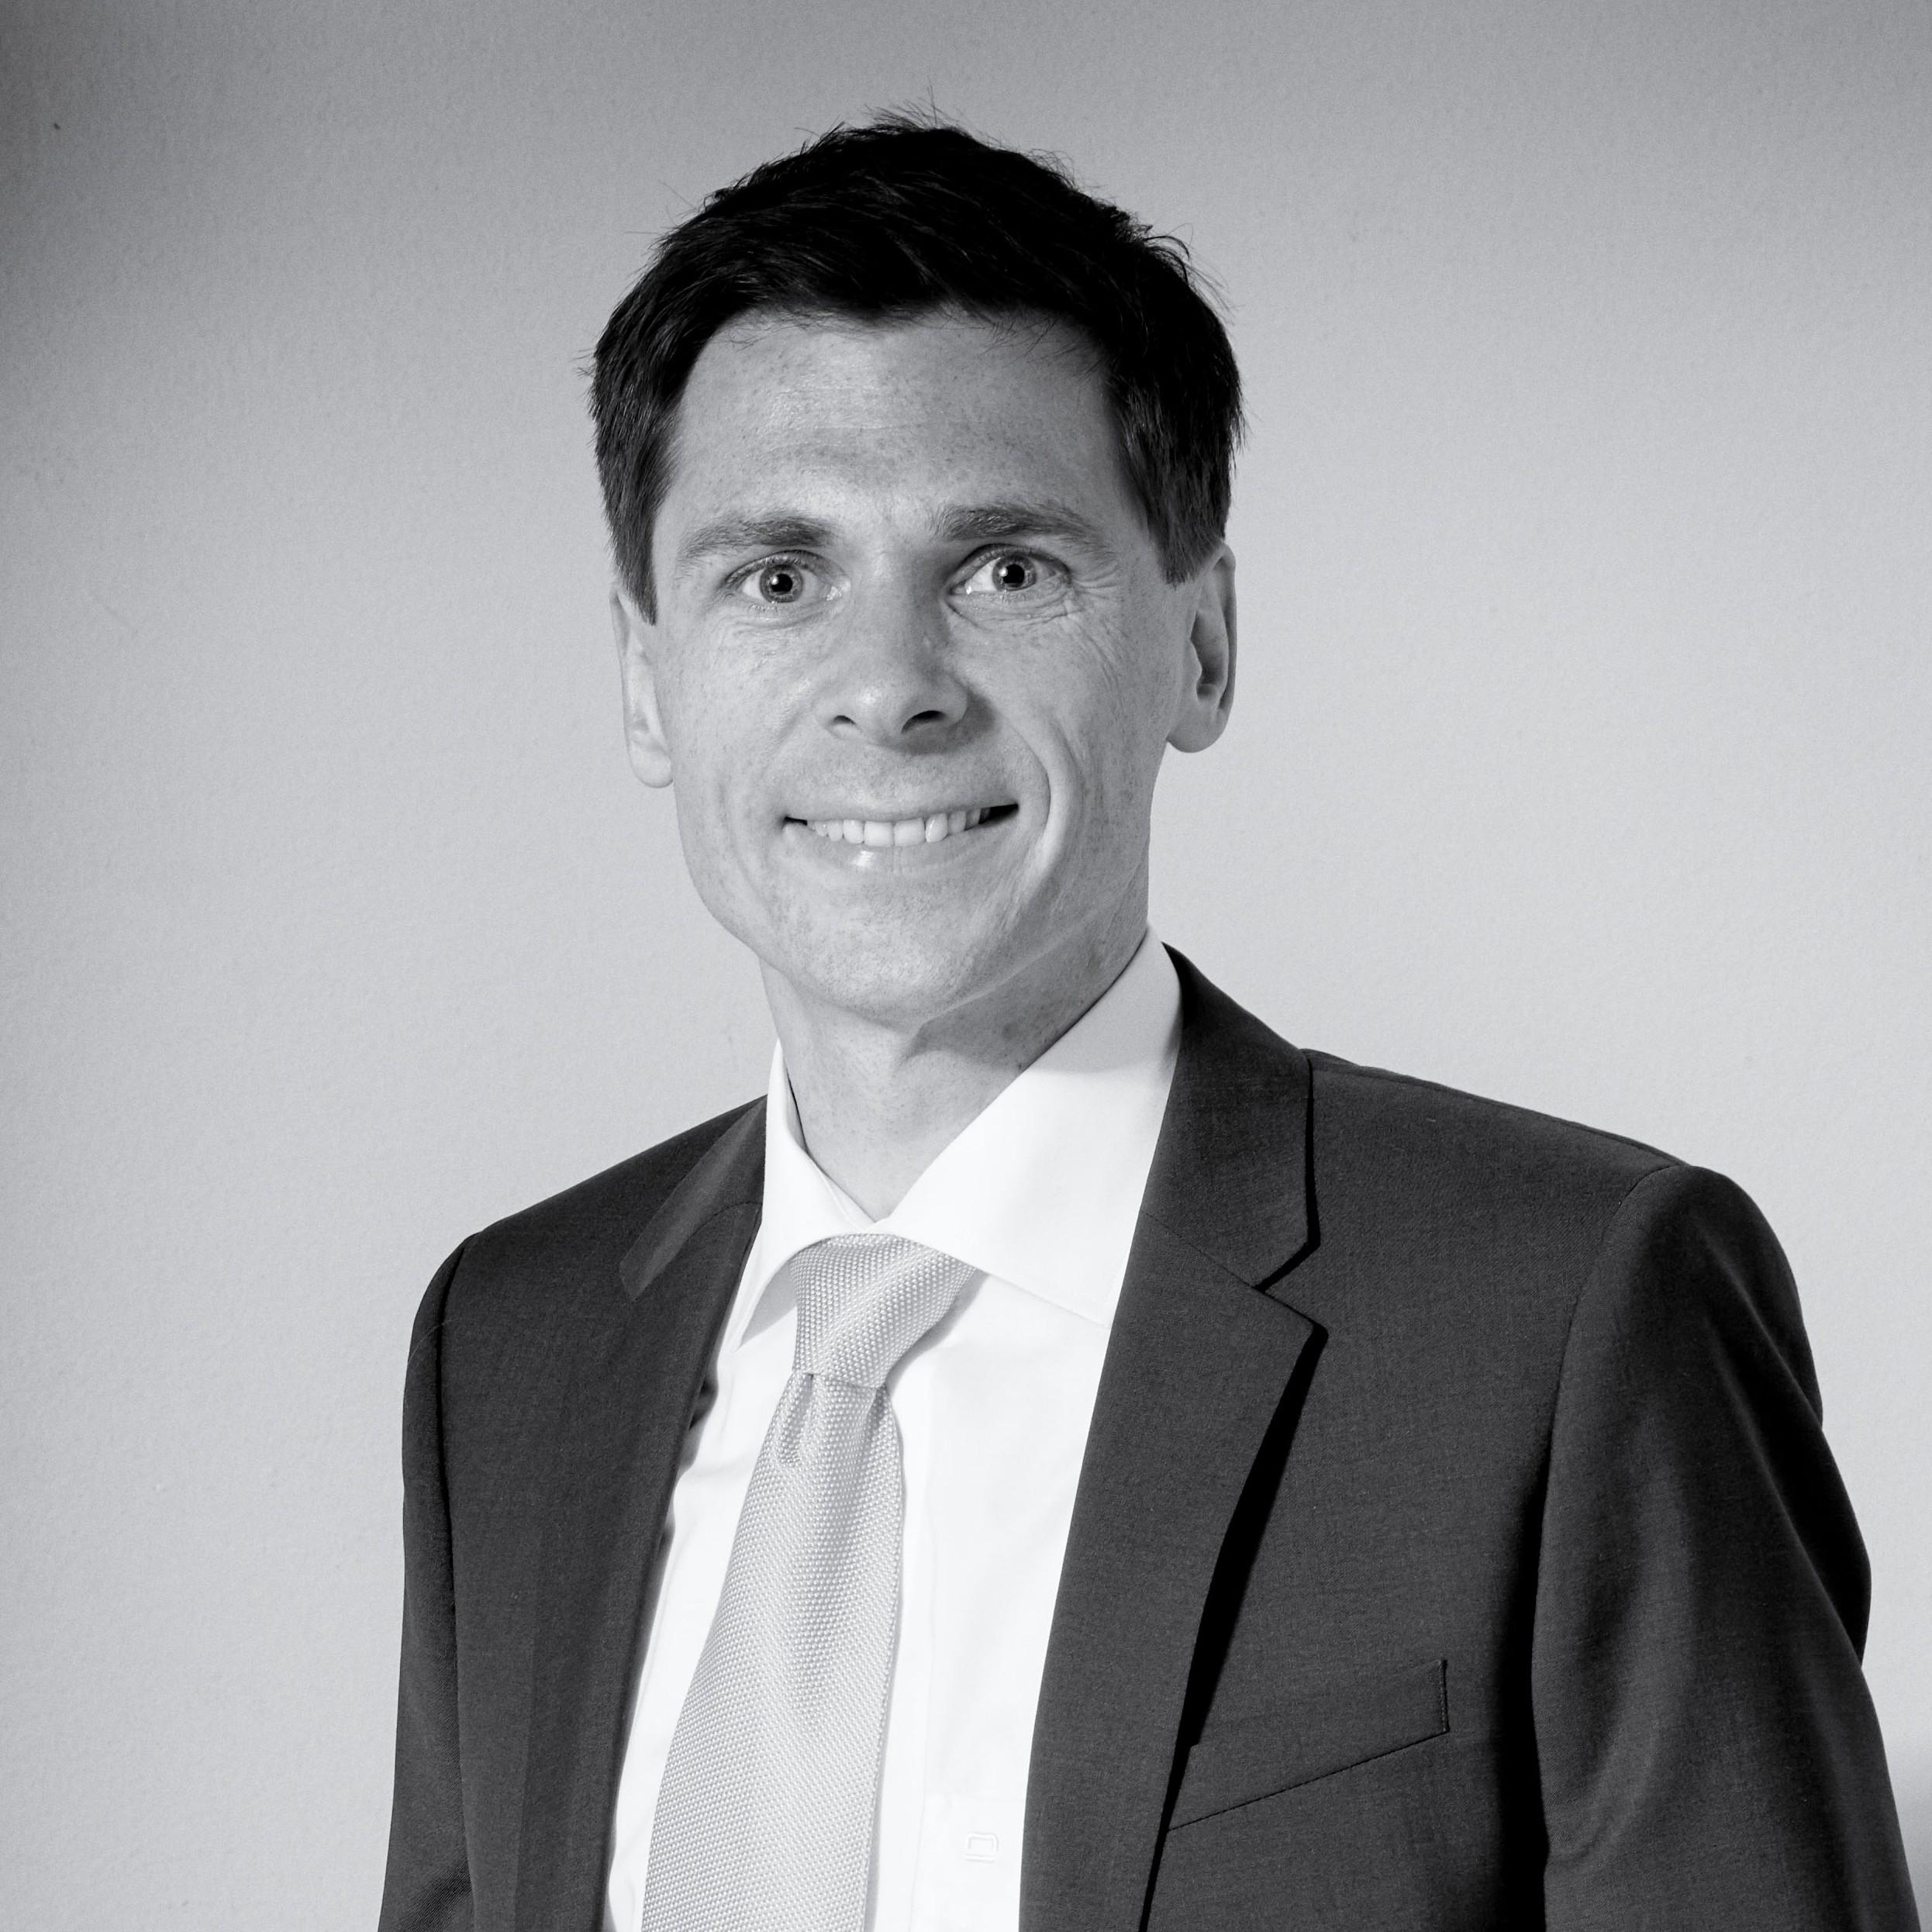 Stefan Padberg